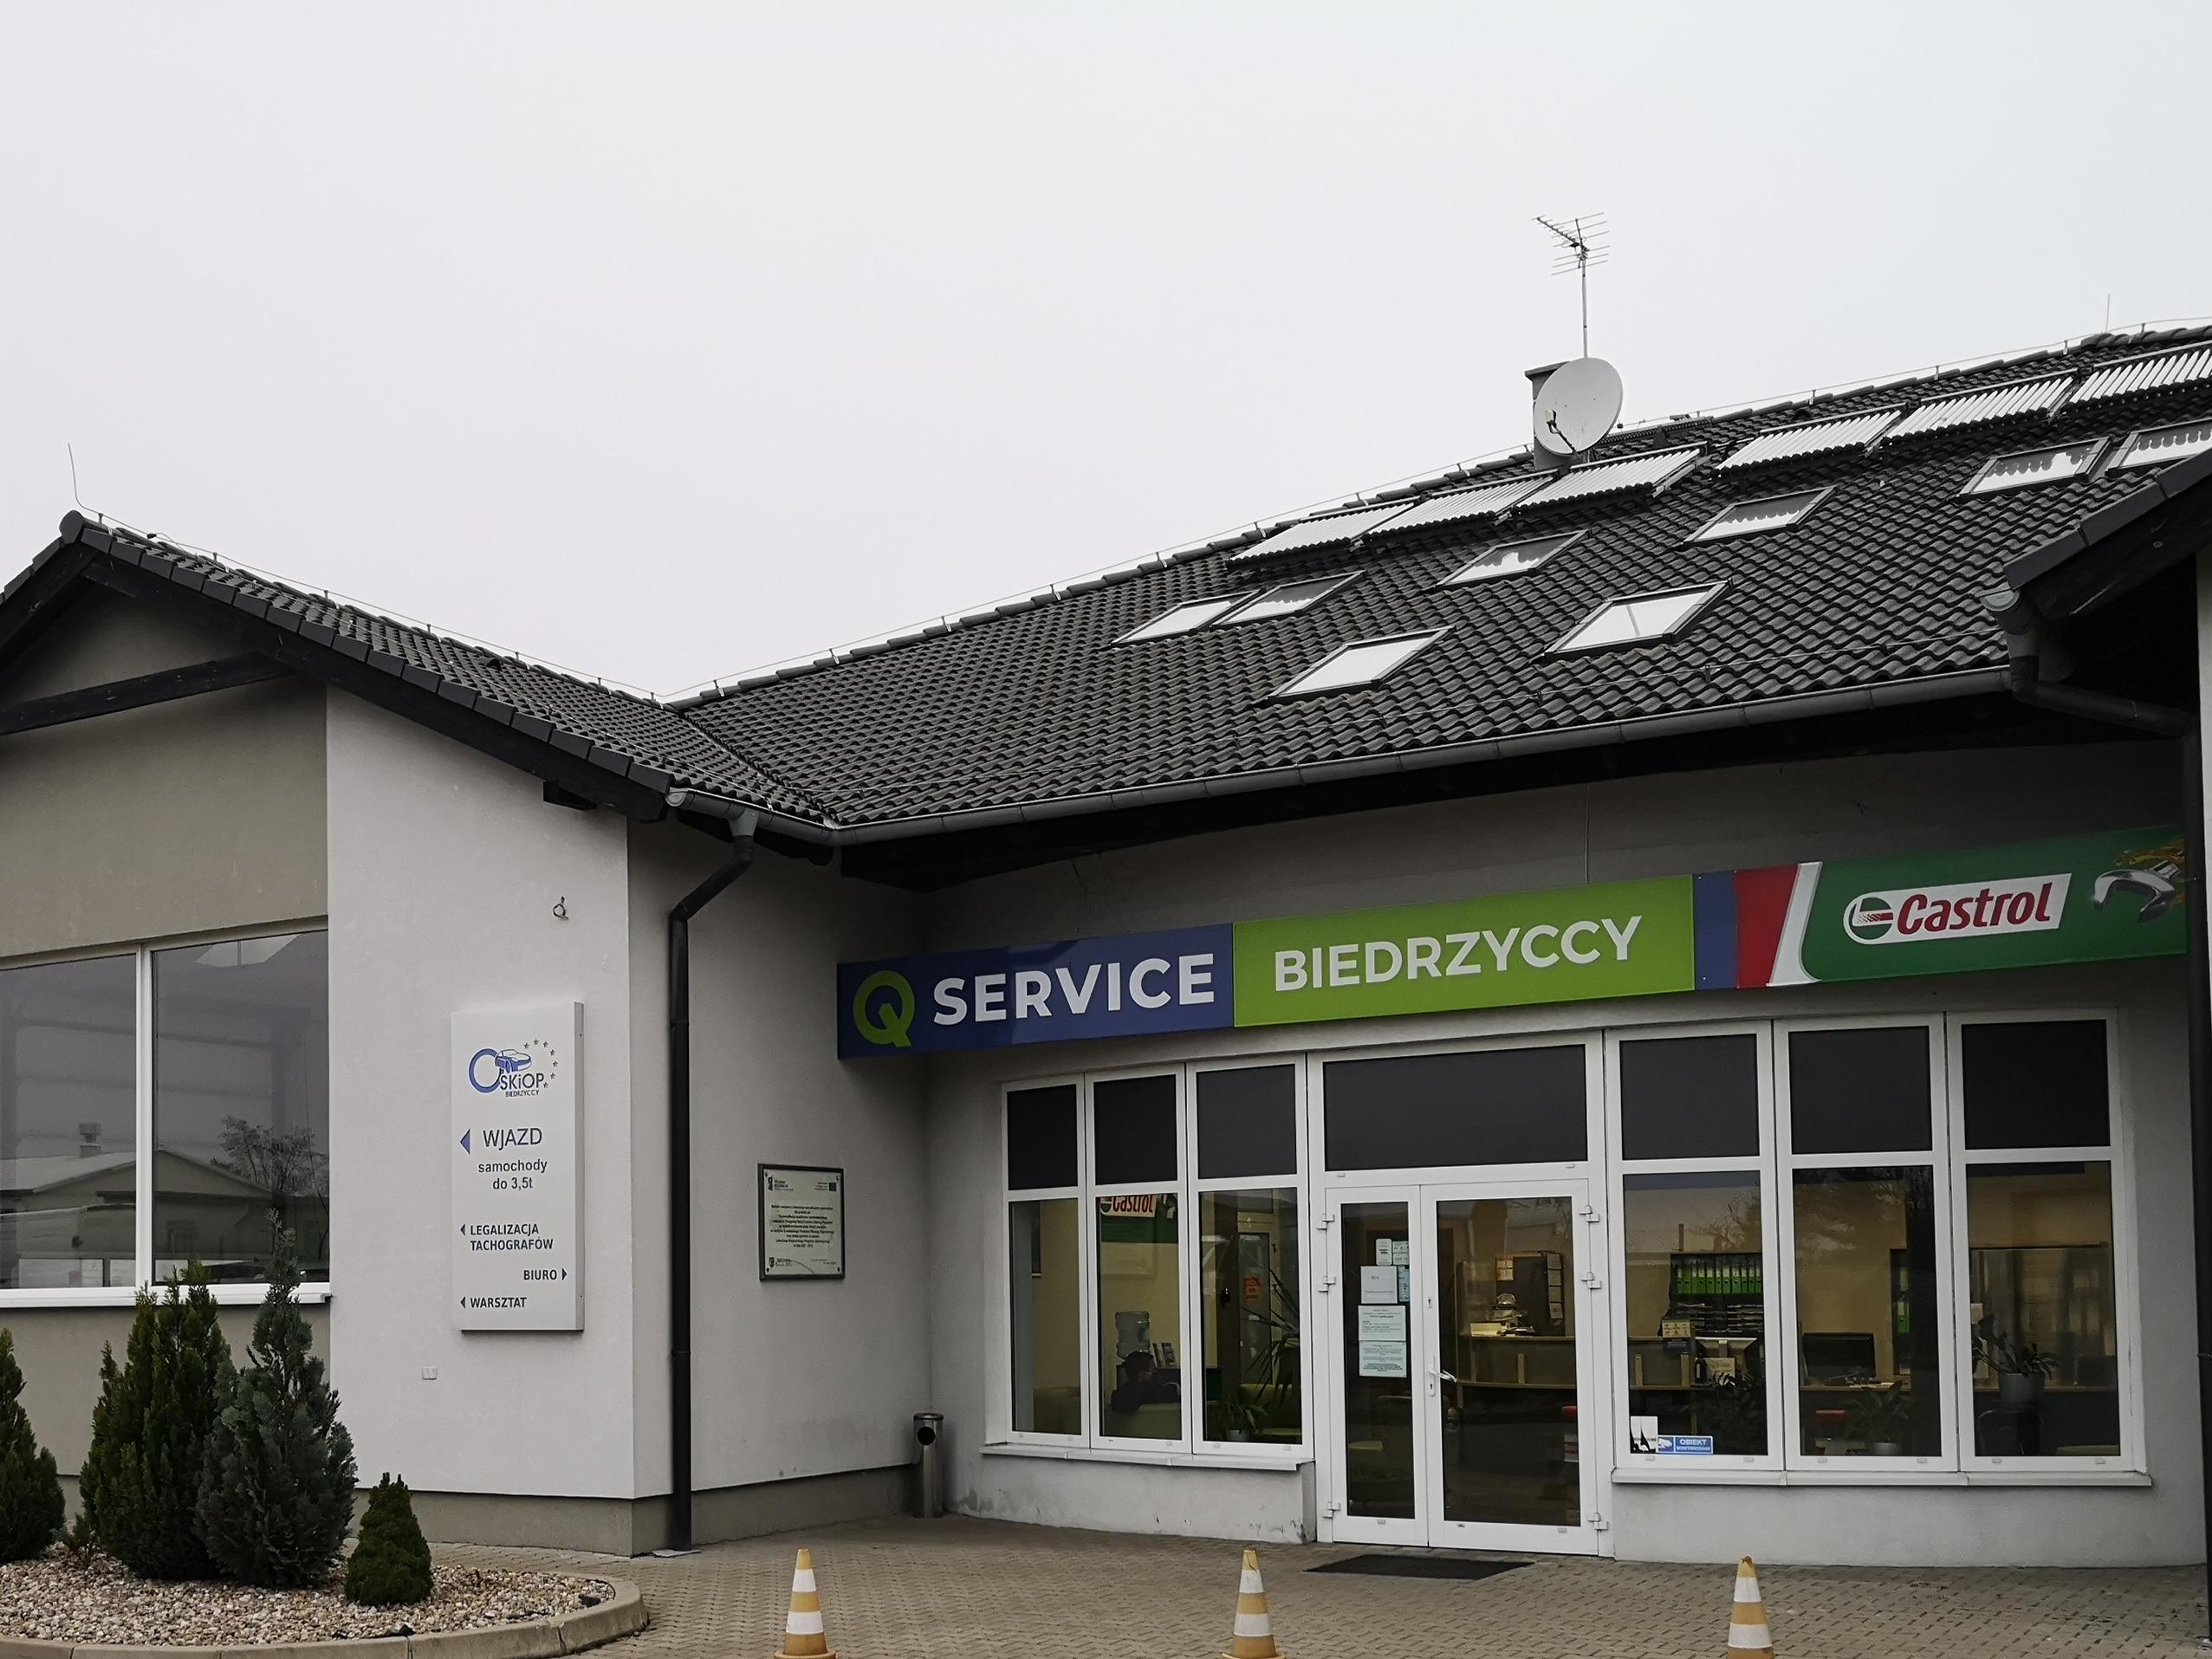 Q service Biedrzyccy photo-0